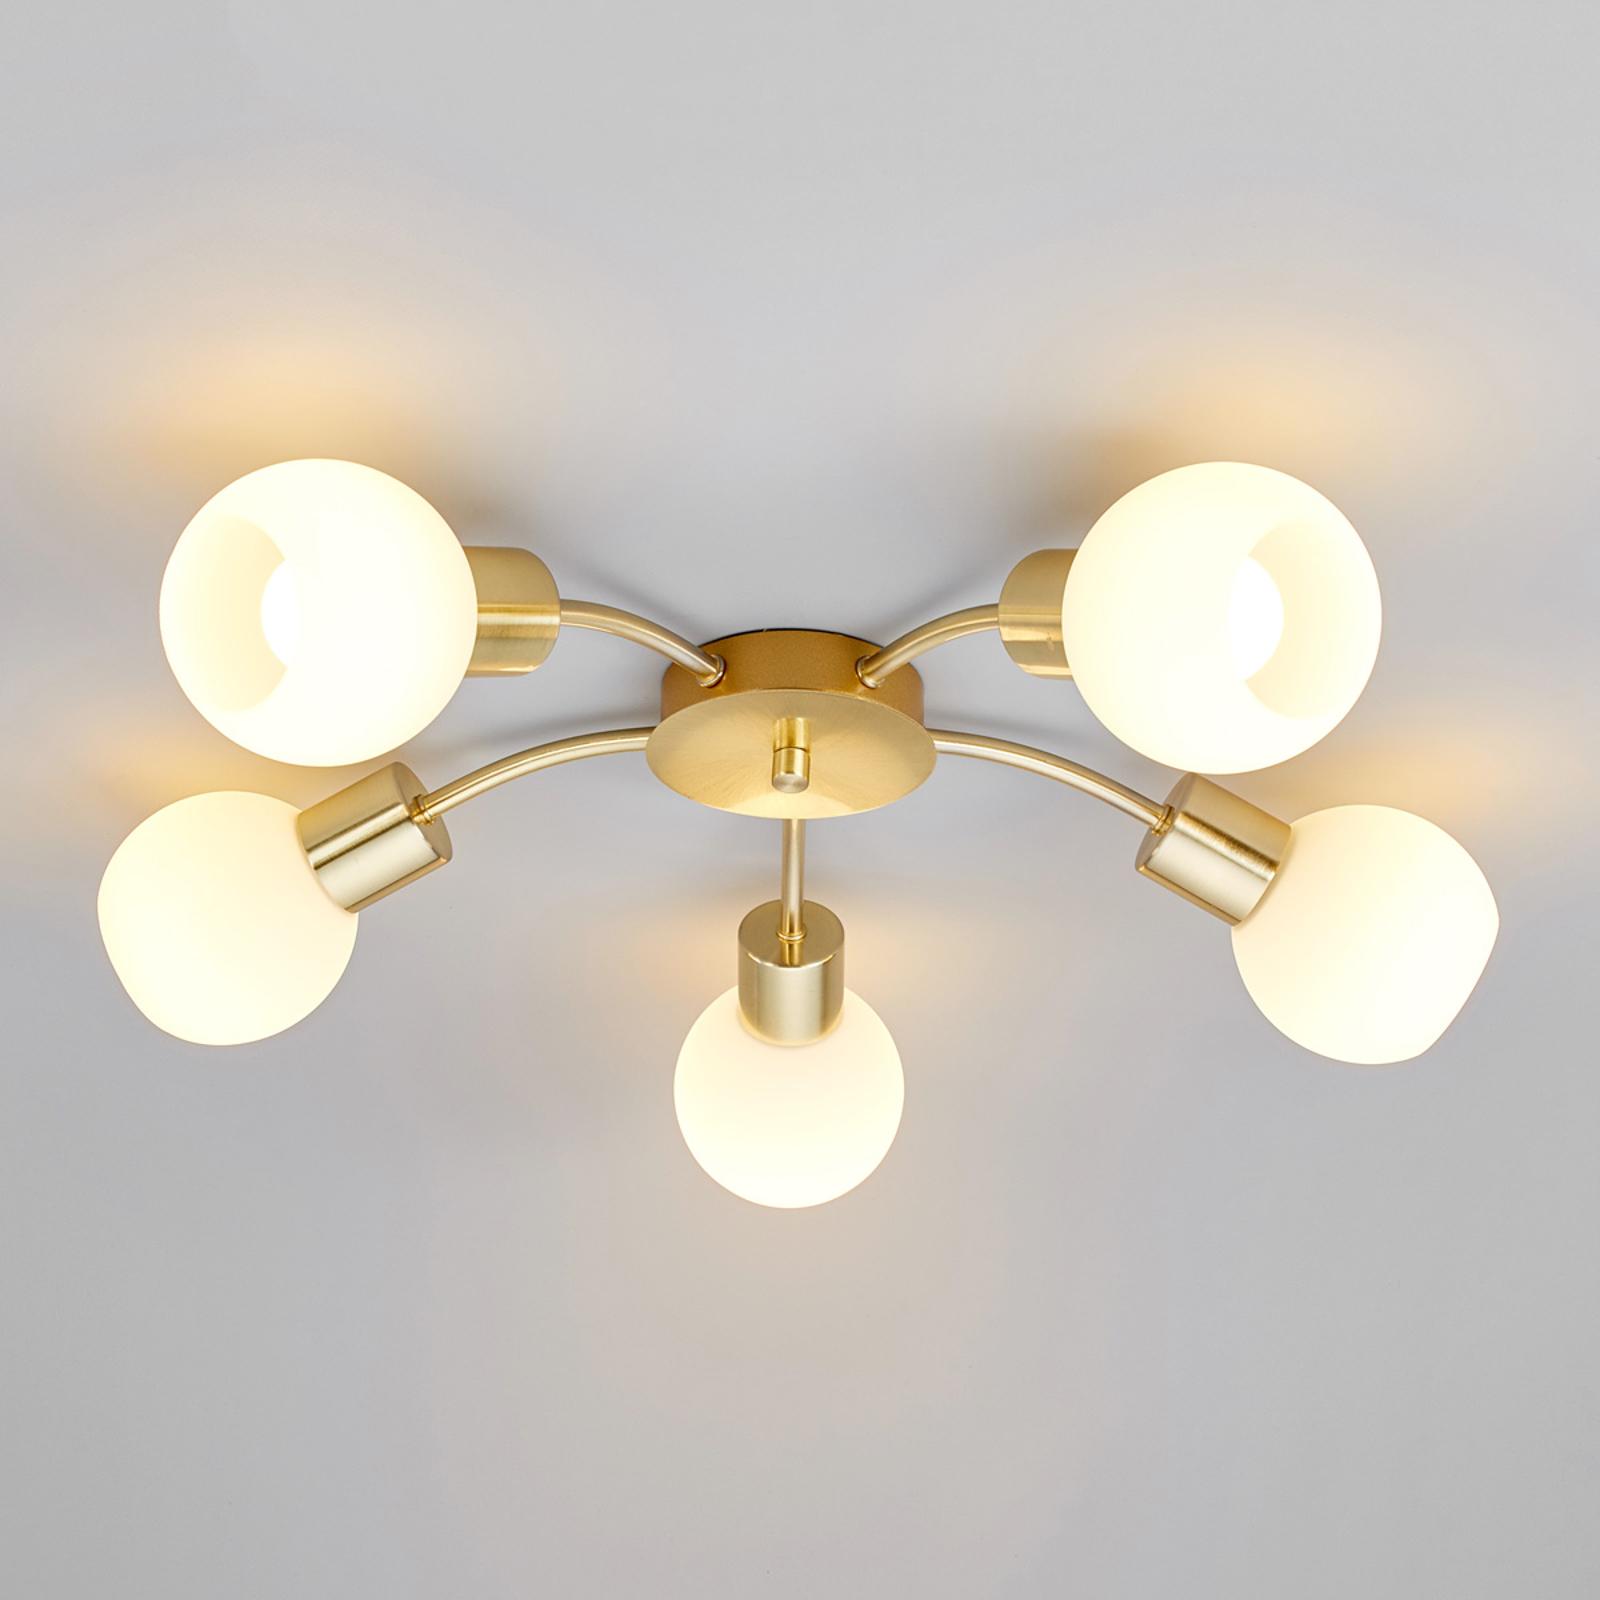 Elaina LED-plafondlamp in messing, 5-lichts